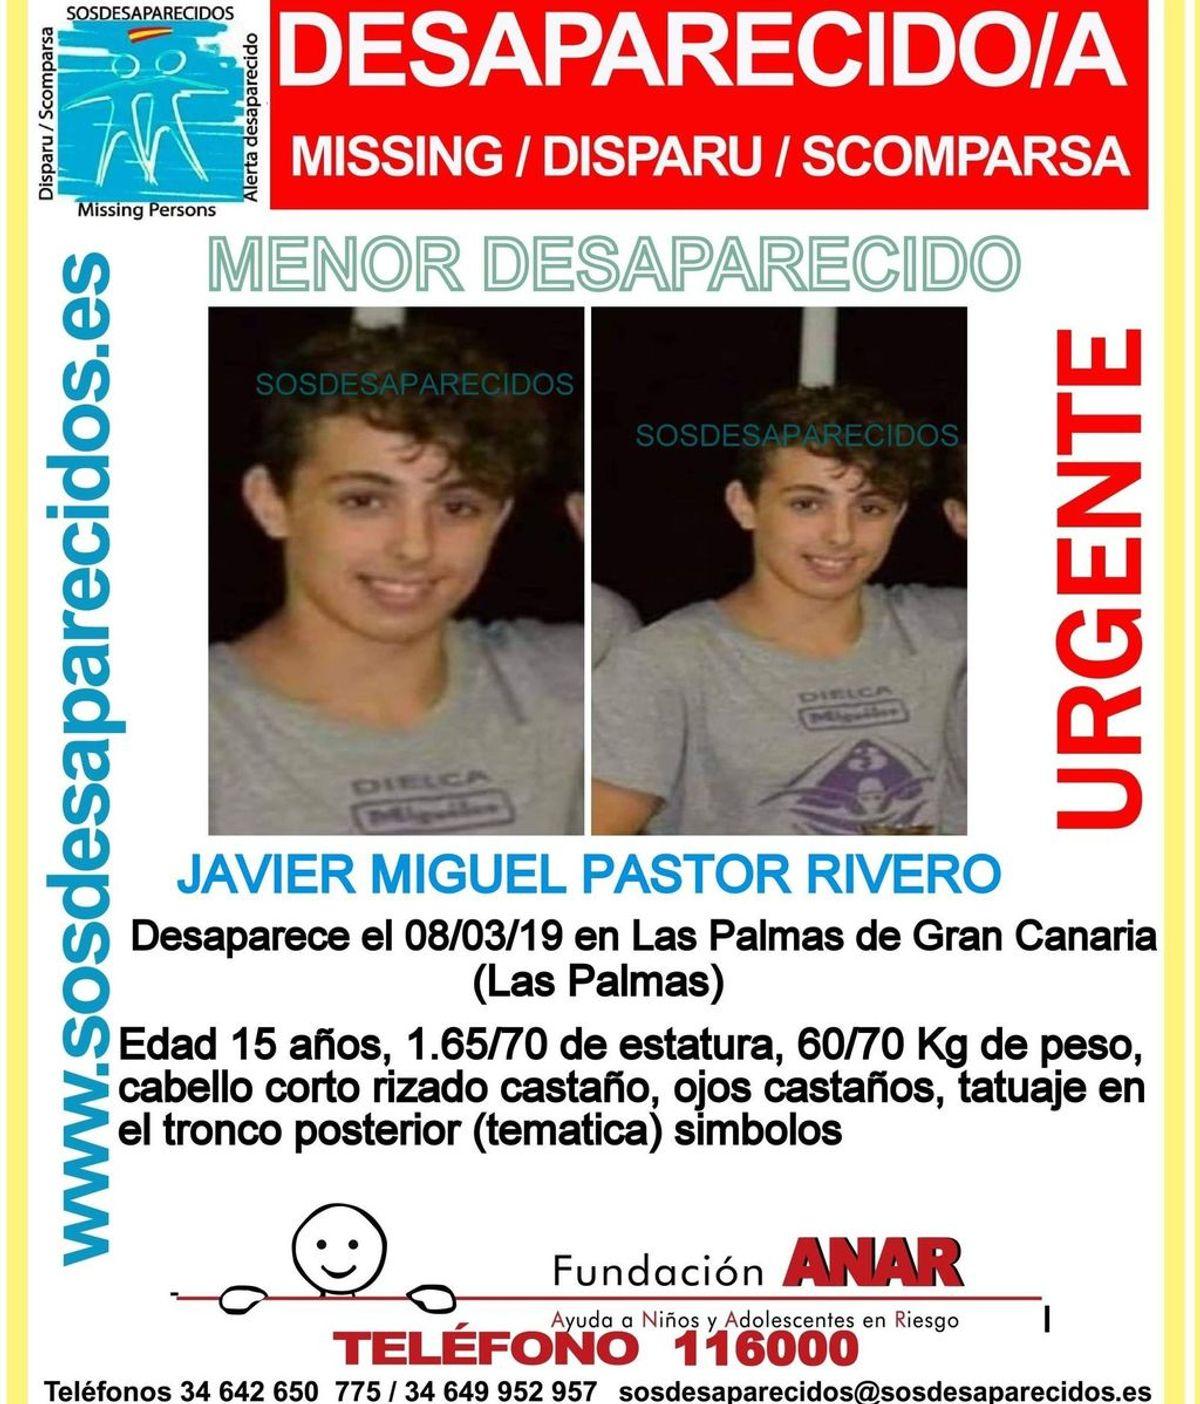 Buscan a Javier Miguel Pastor Rivero, un menor desaparecido en Las Palmas de Gran Canaria